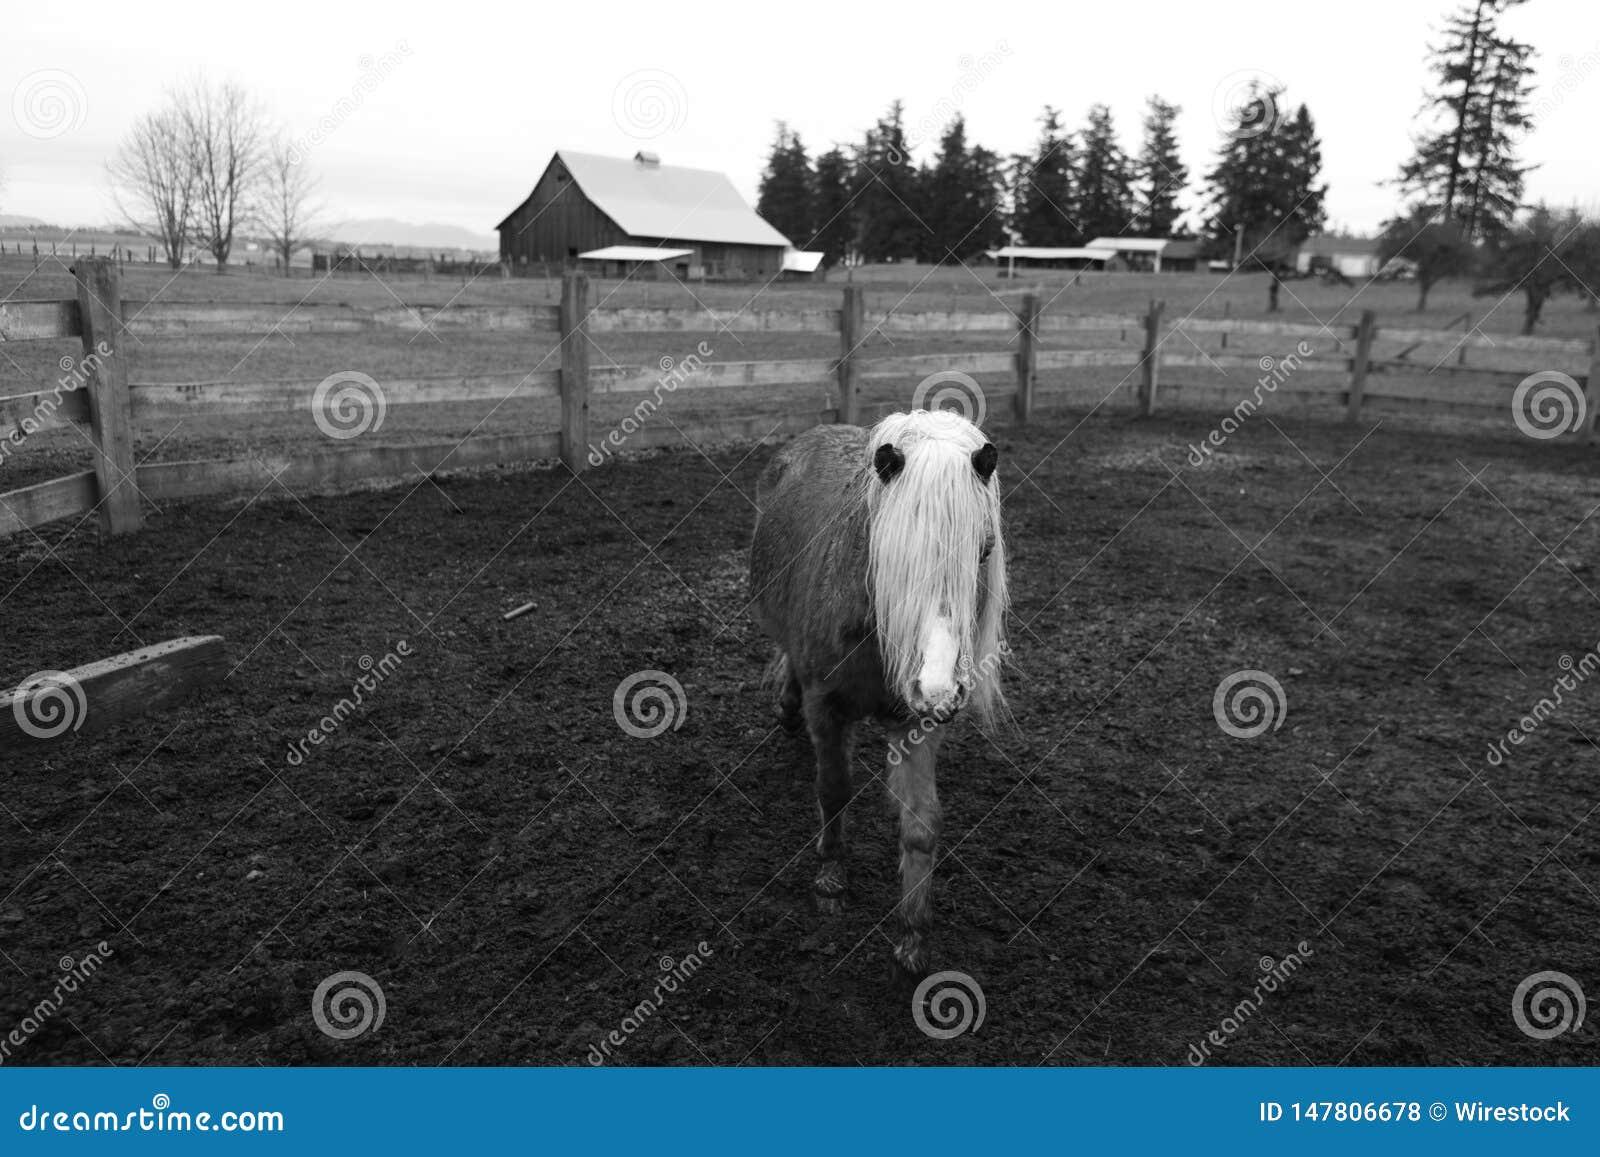 Piękny pojedynczy młody konik w gospodarstwie rolnym